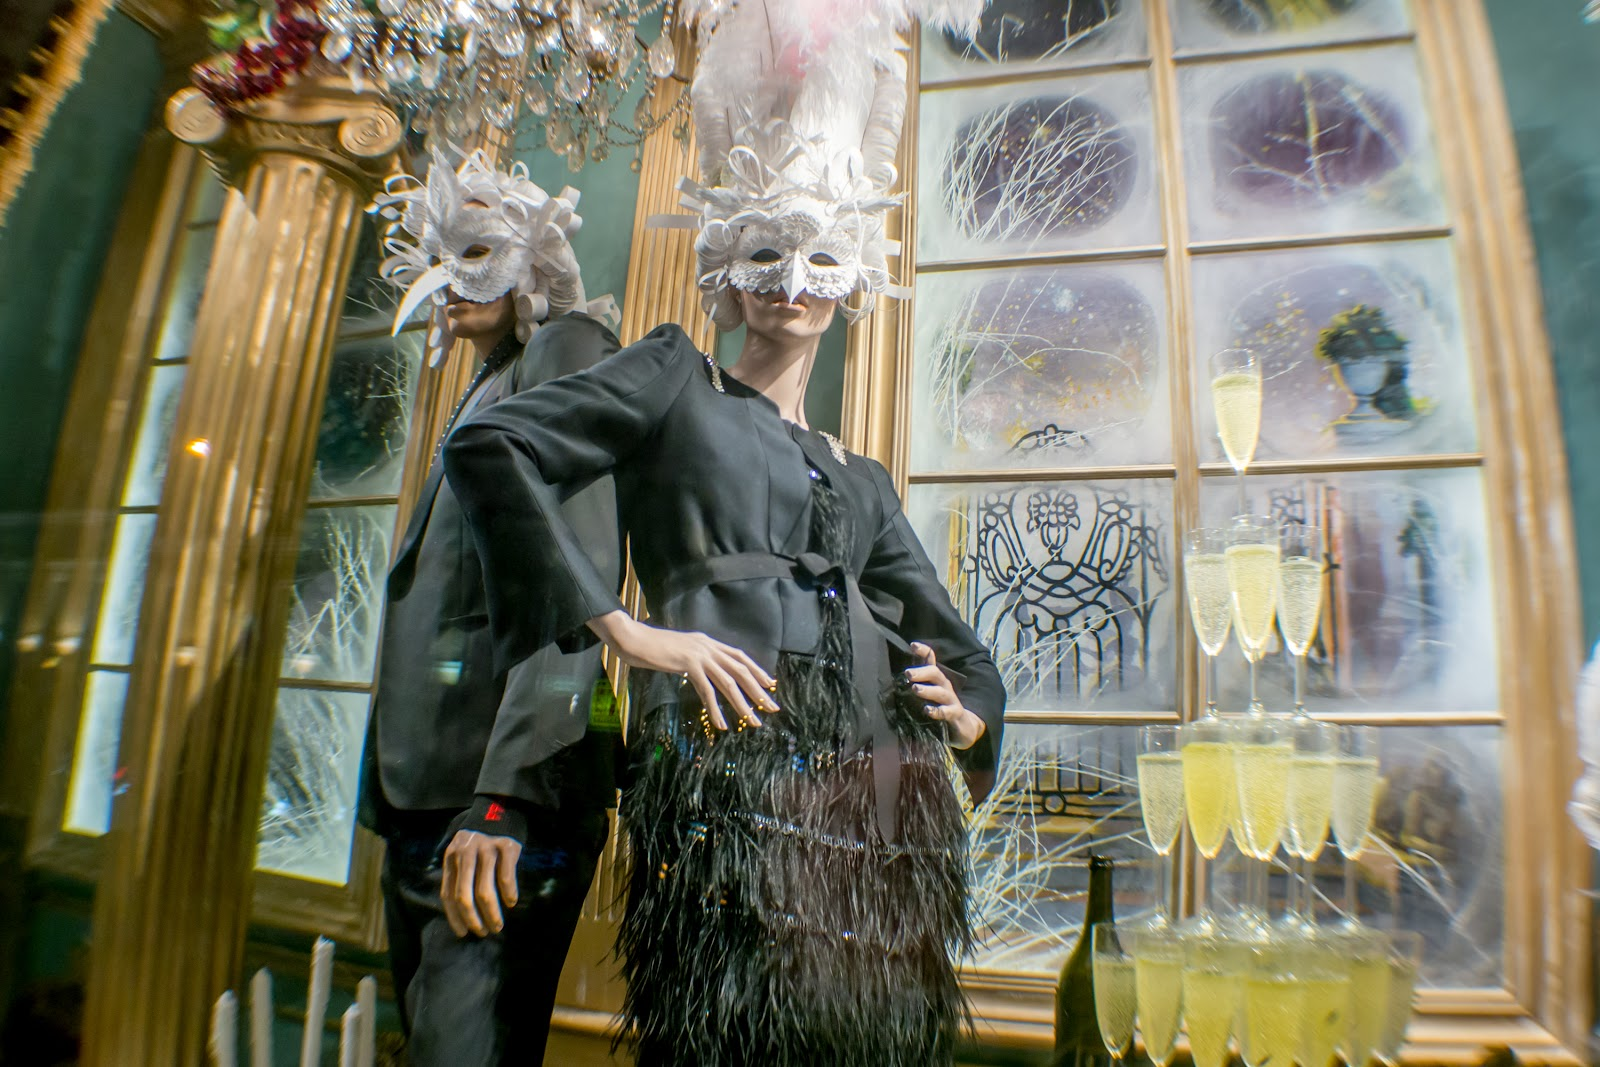 витрины магазинов, манекены и куклы